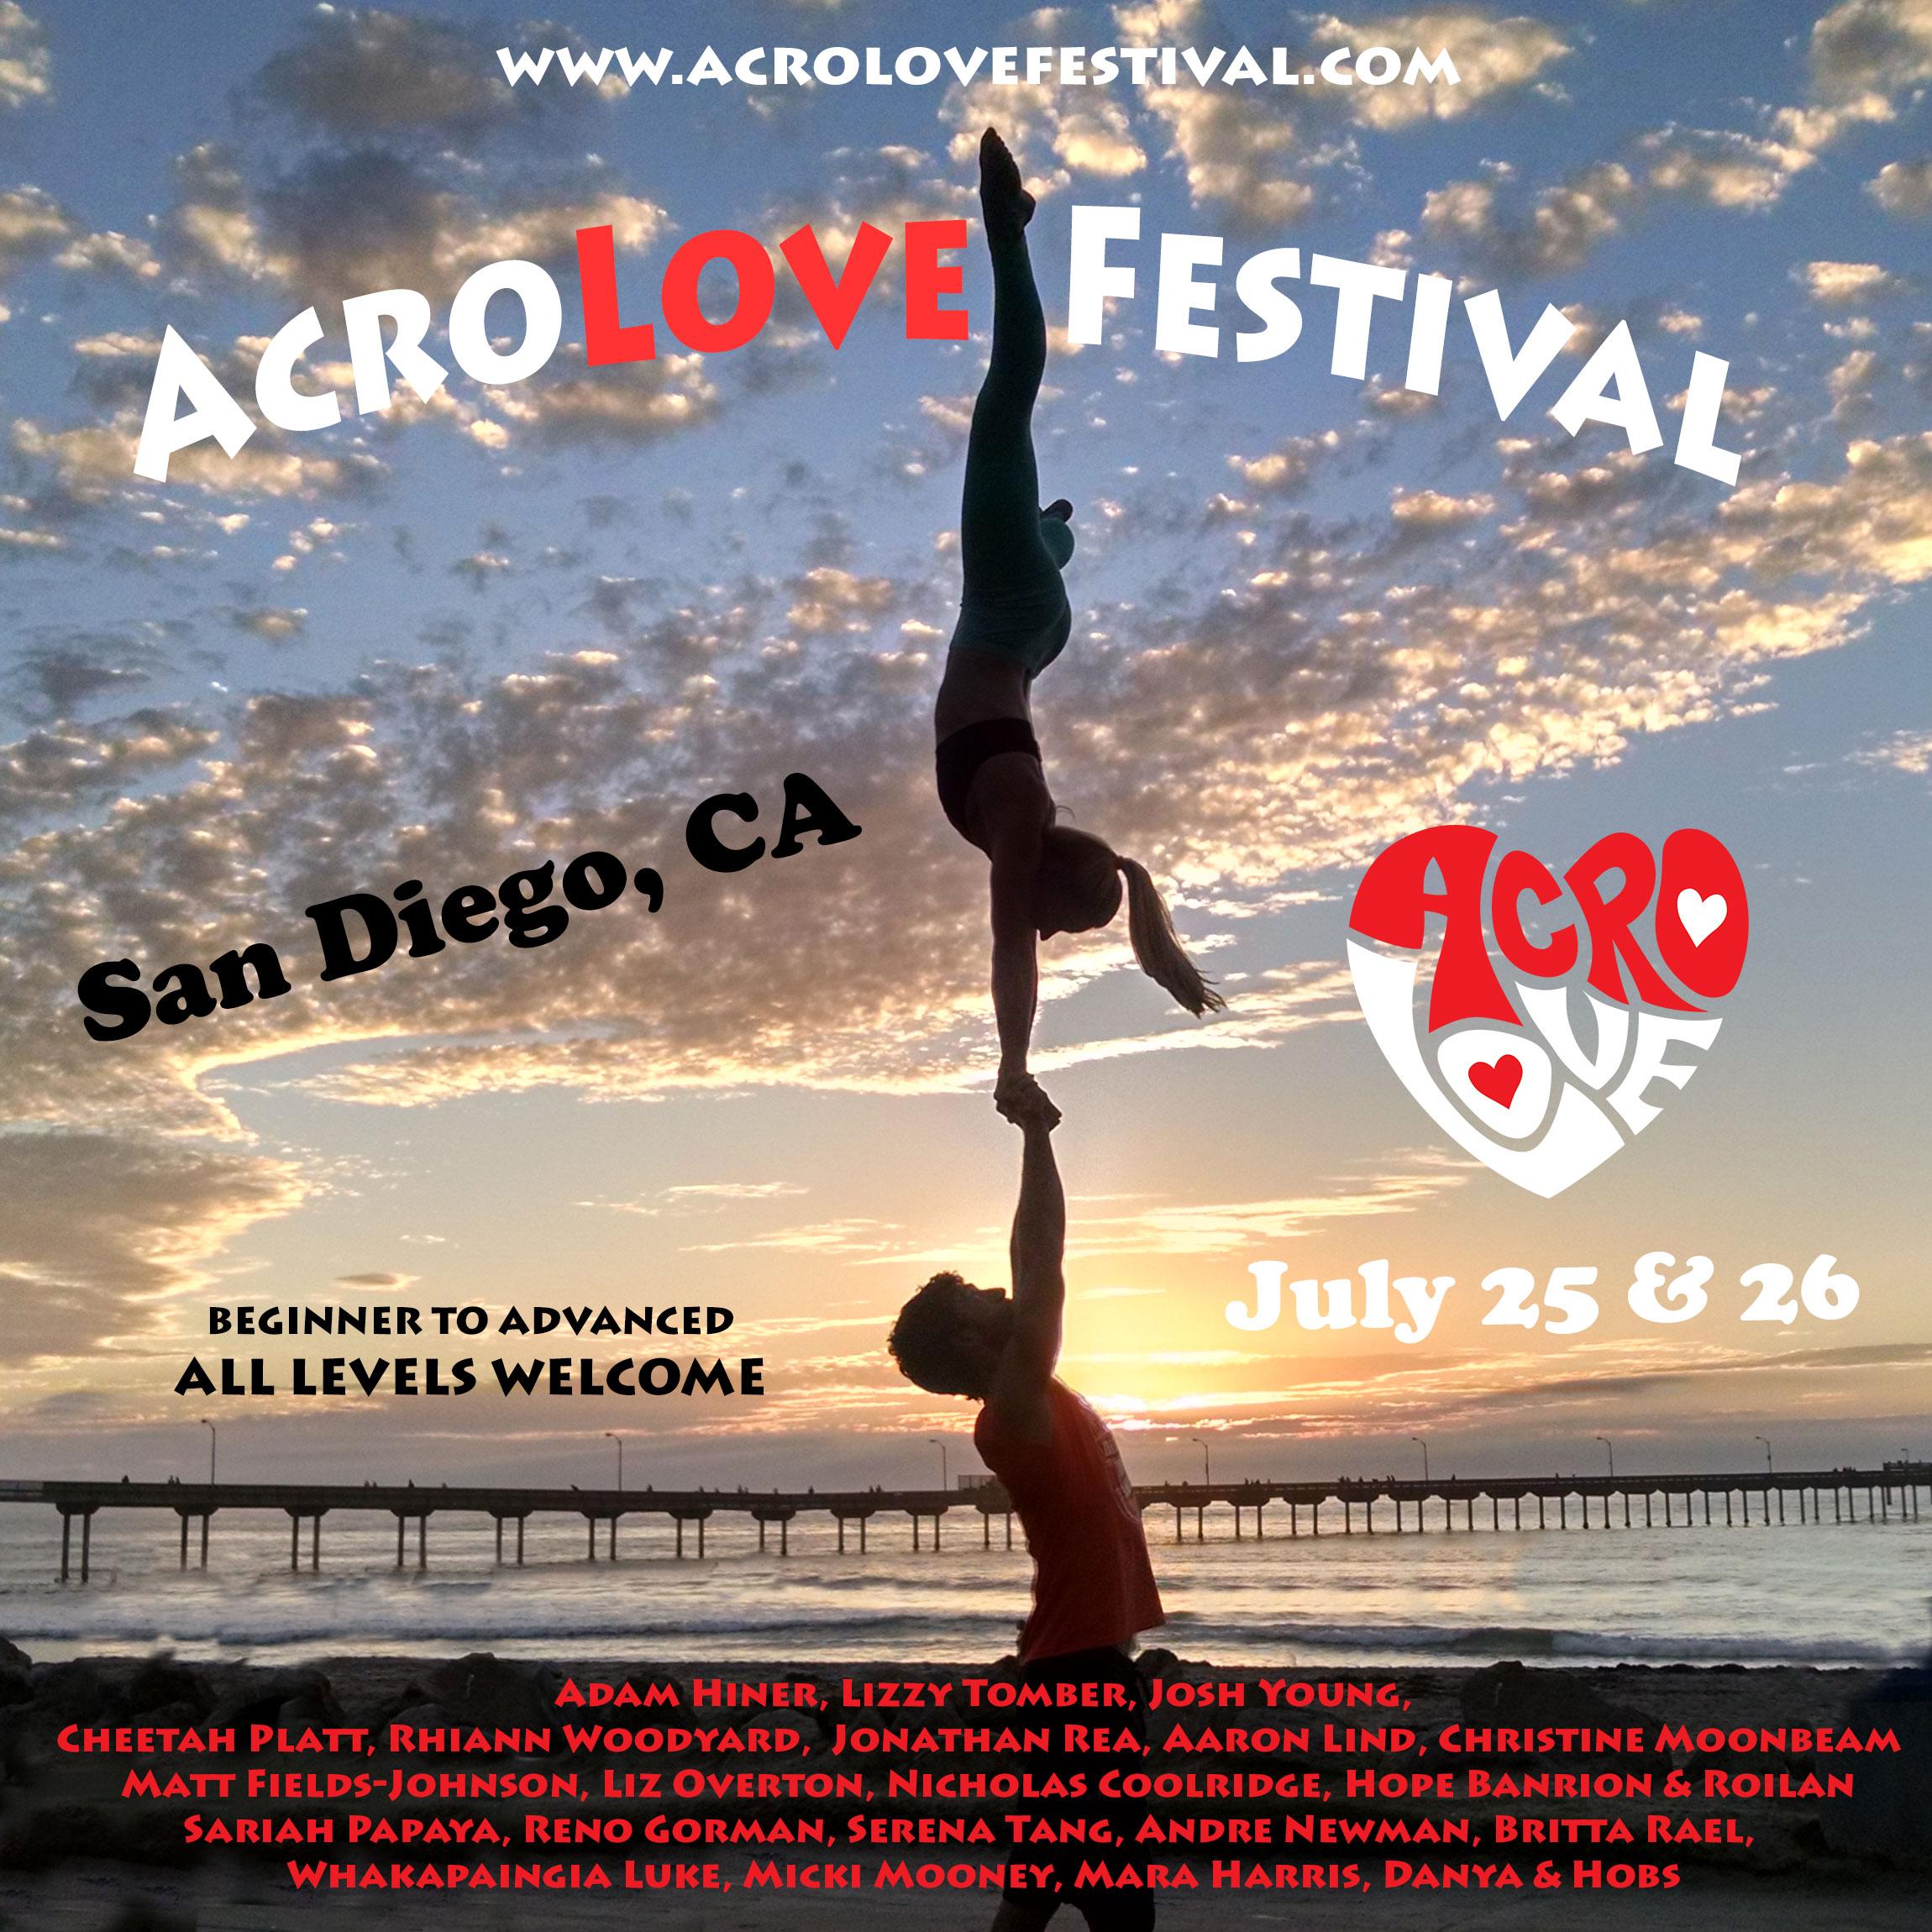 acro_love